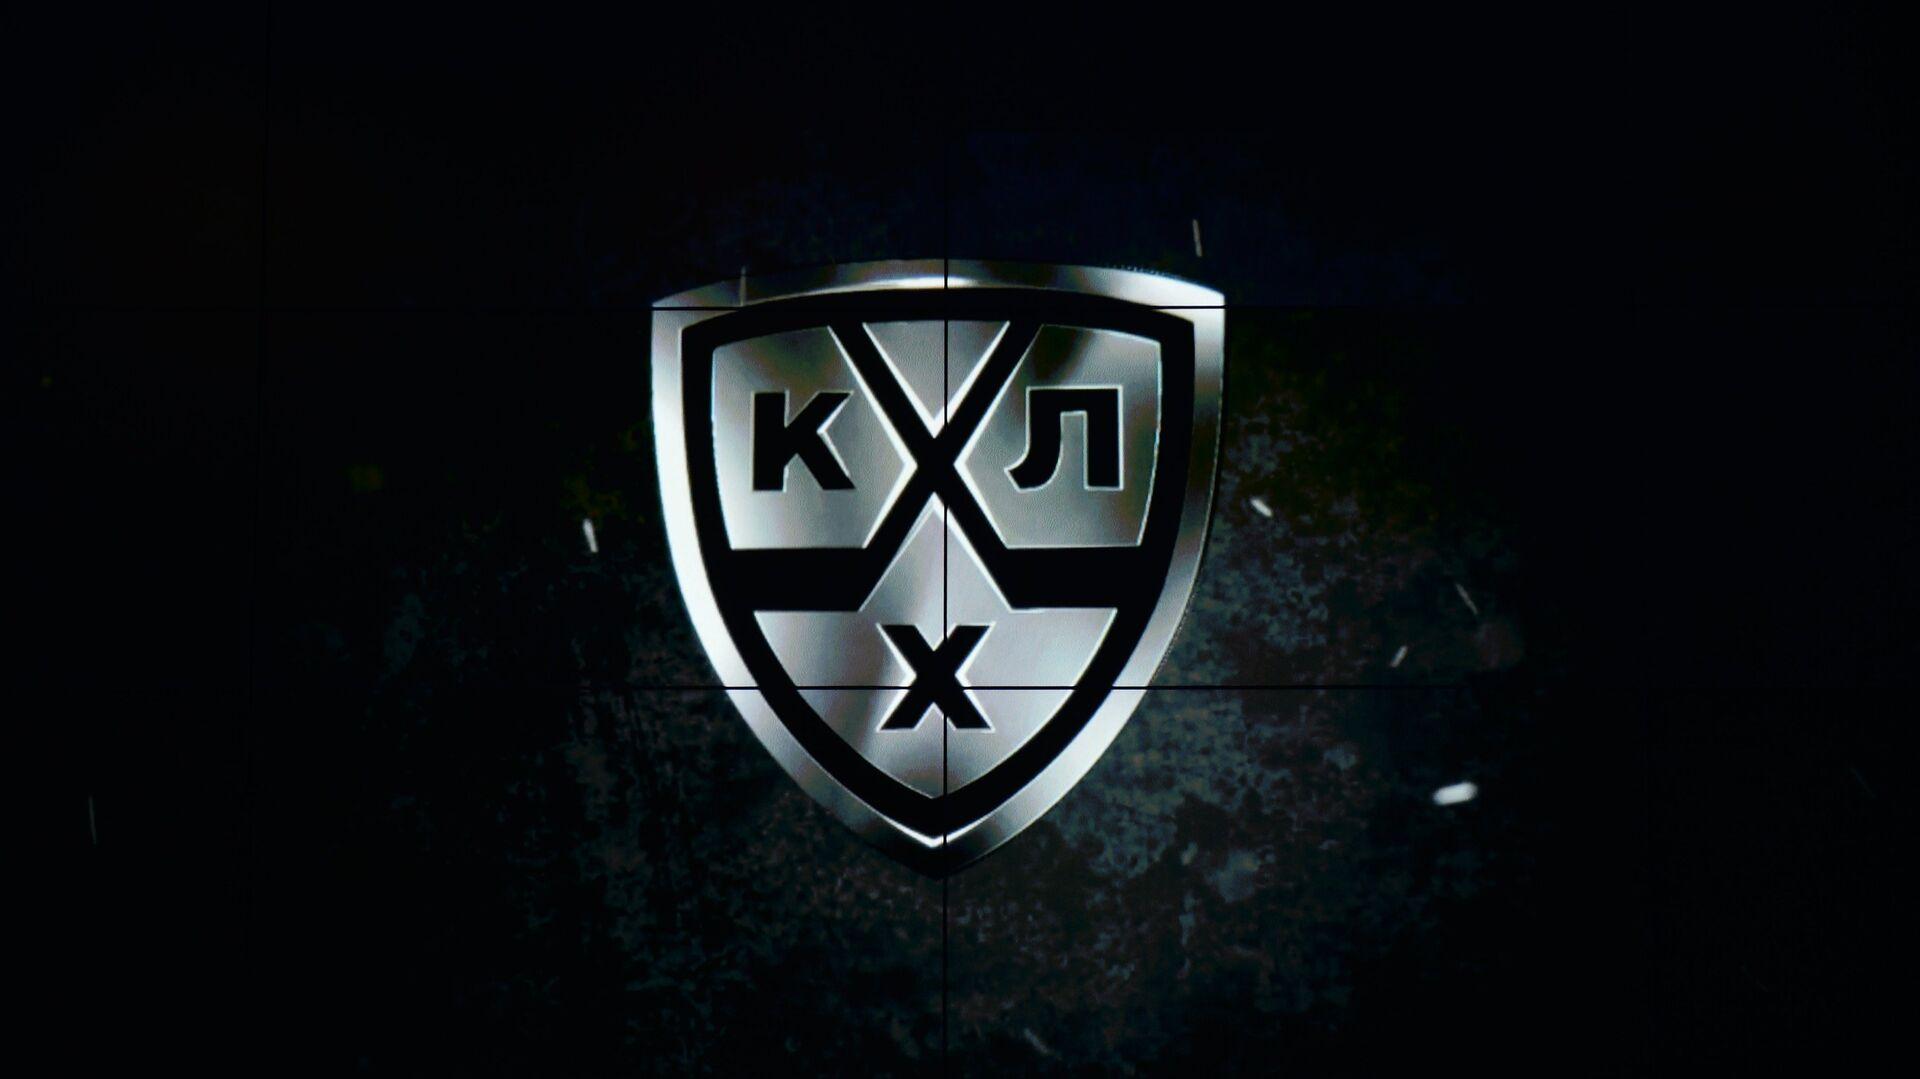 Логотип Континентальной хоккейной лиги (КХЛ) - РИА Новости, 1920, 27.02.2021